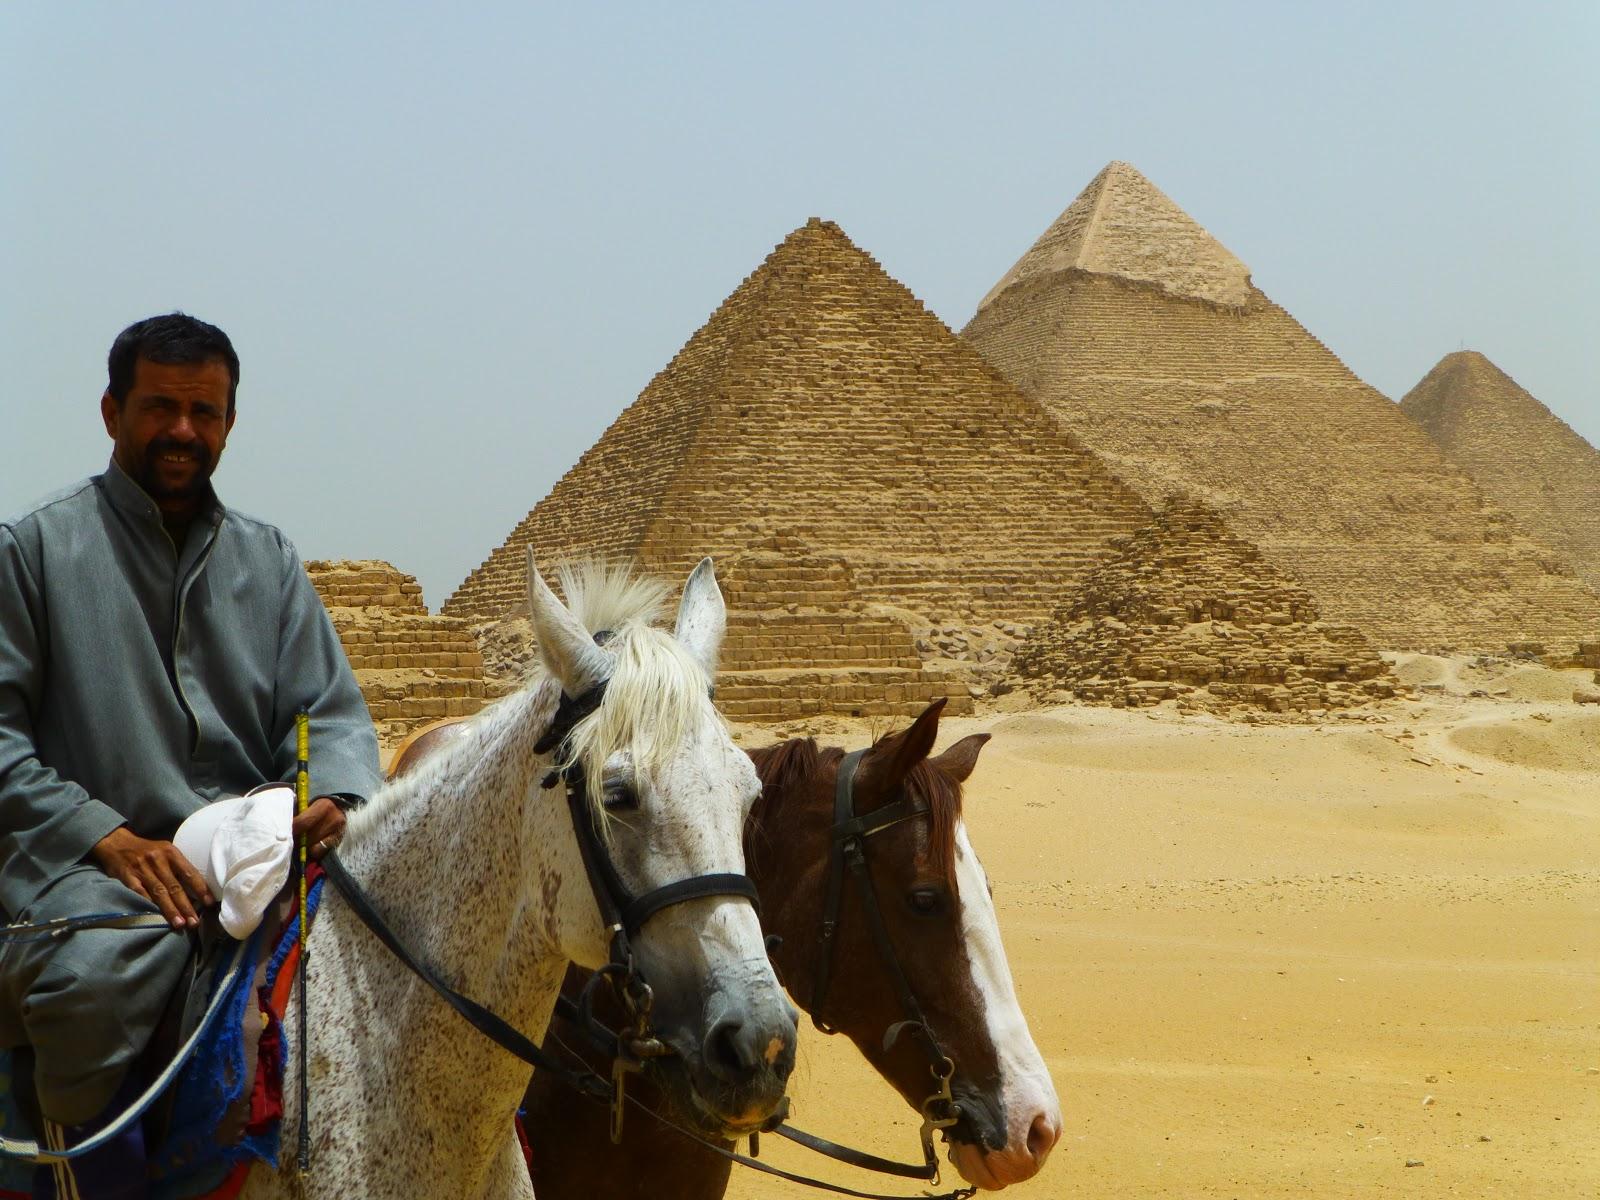 رحلة للرومانسية في الصحراي لركوب الخيل في الهرم